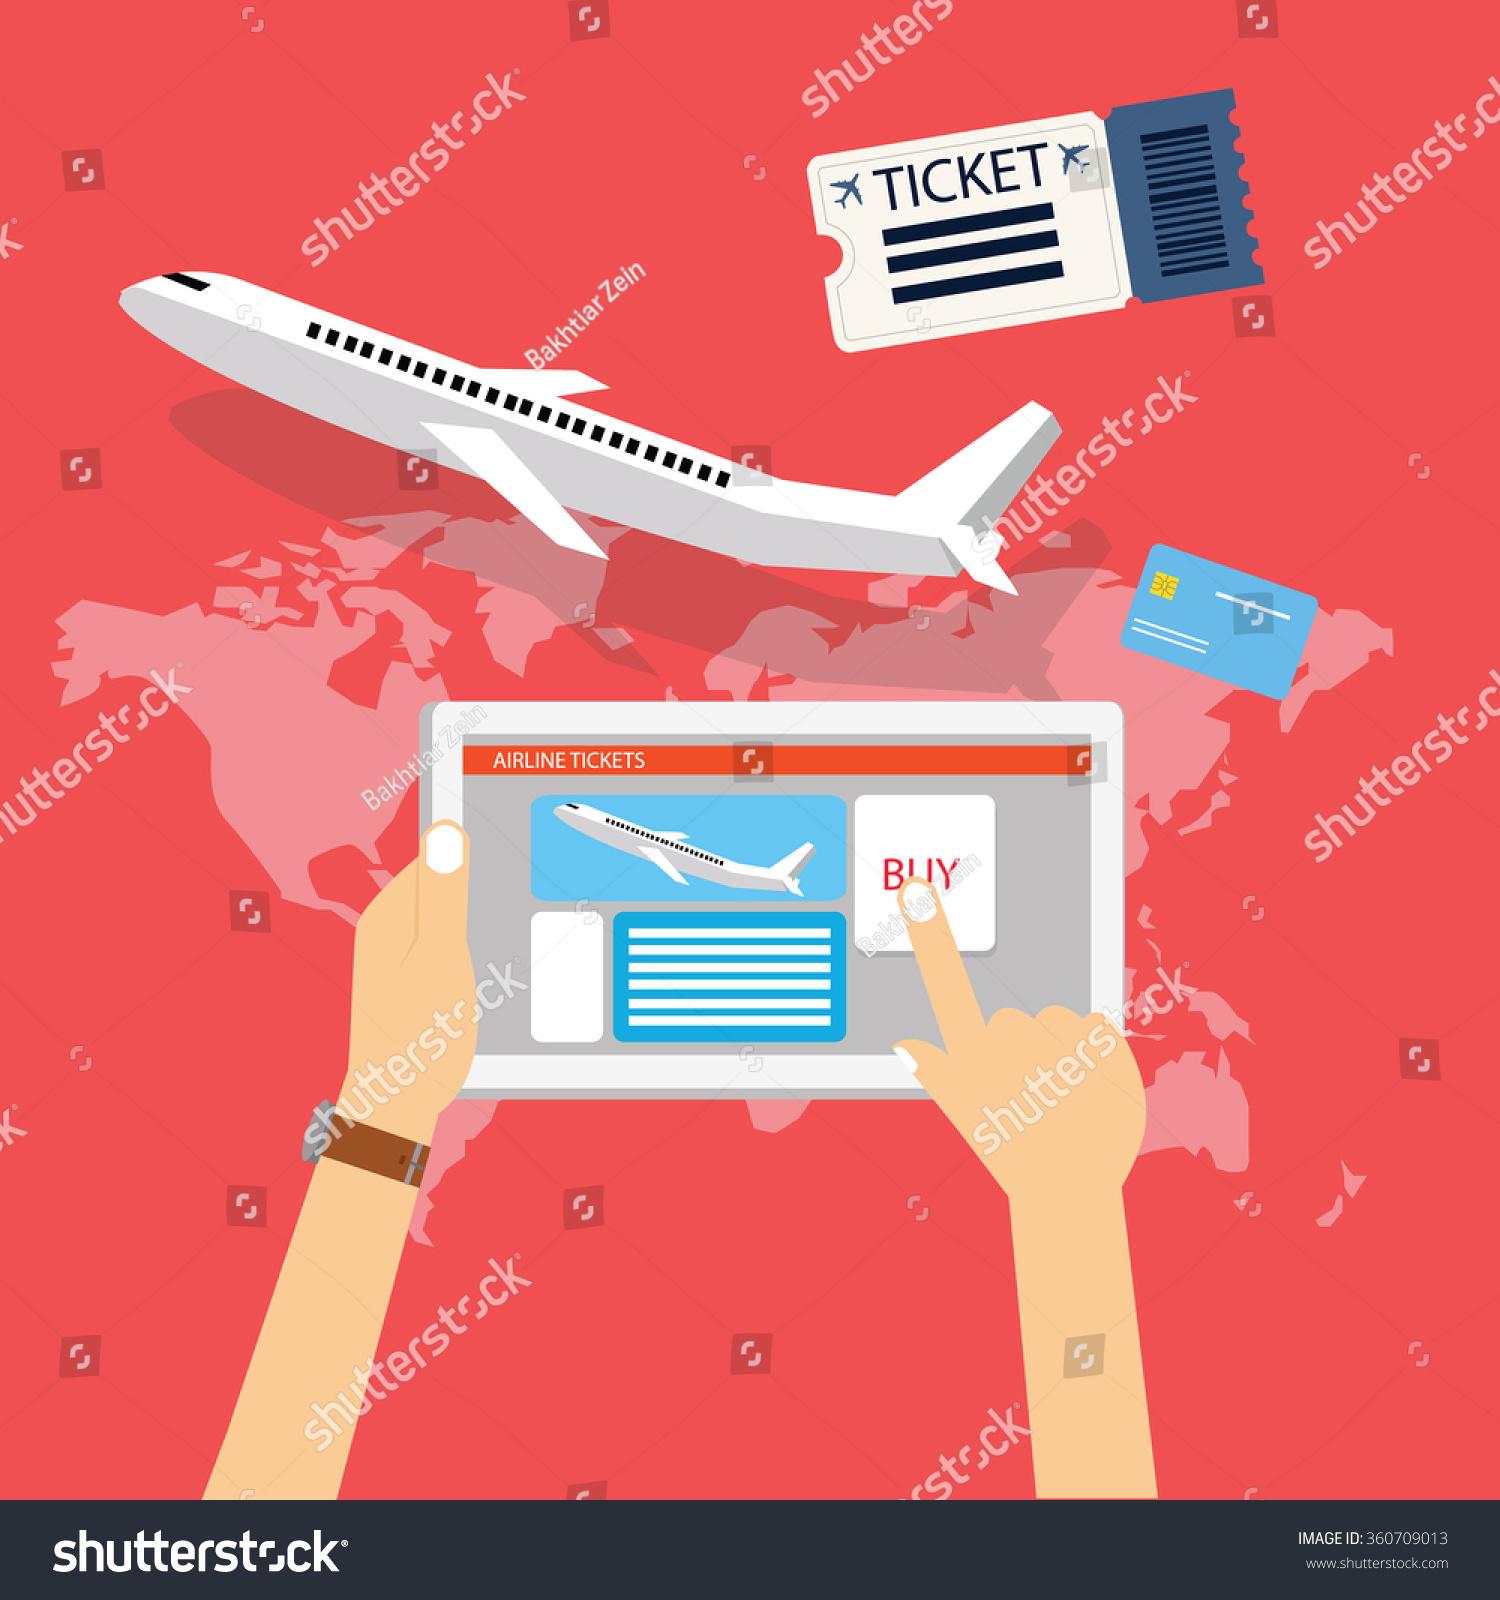 Book Buy Plane Flight Ticket Online Stock Vector 360709013 - Shutterstock